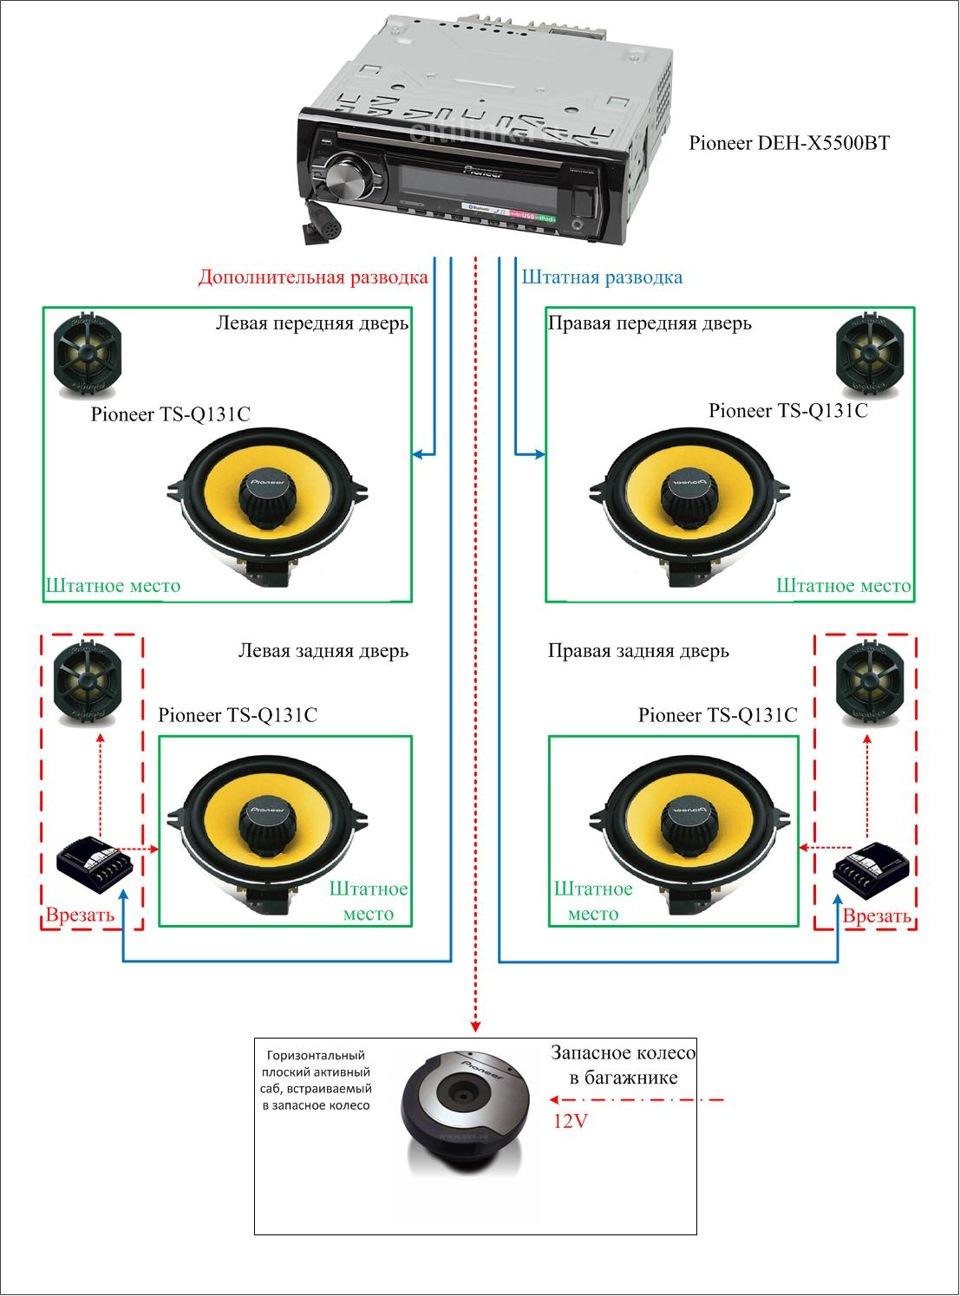 схема подключения дисплея и магнитолы рено сценик 2